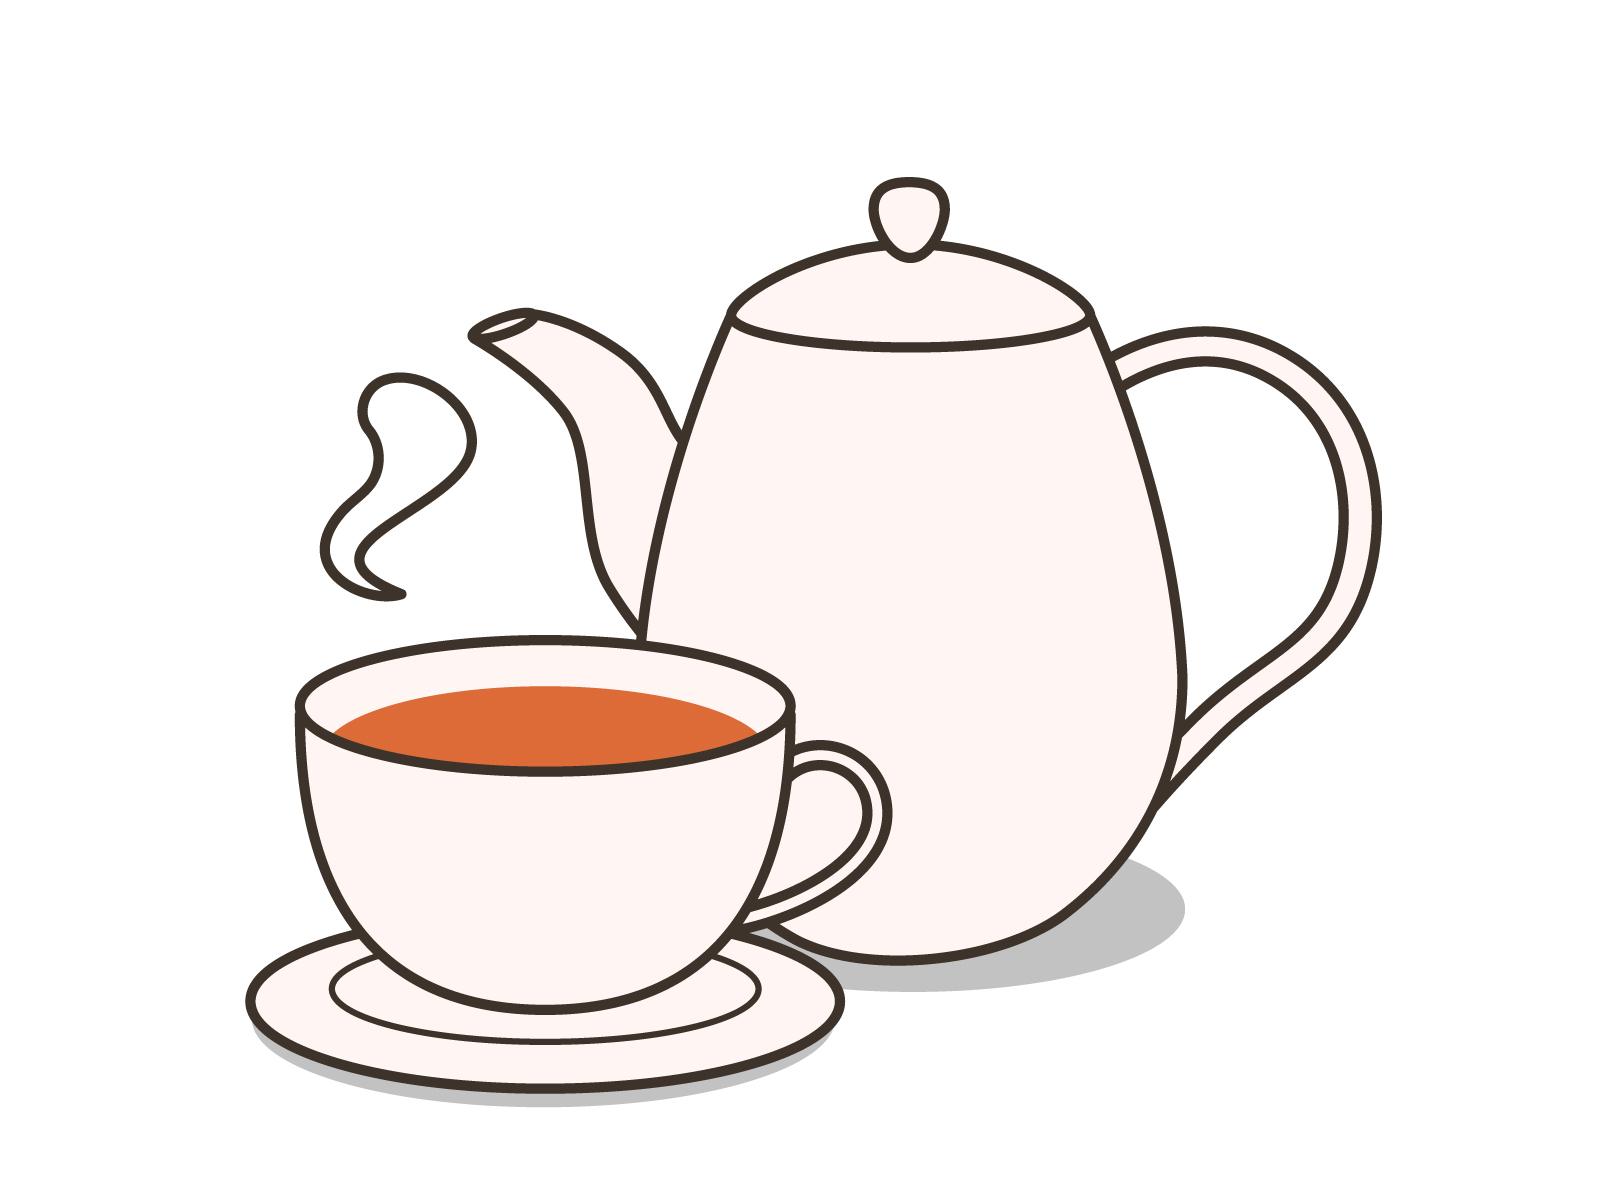 【コロナ】イギリスで紅茶の買い占めが発生